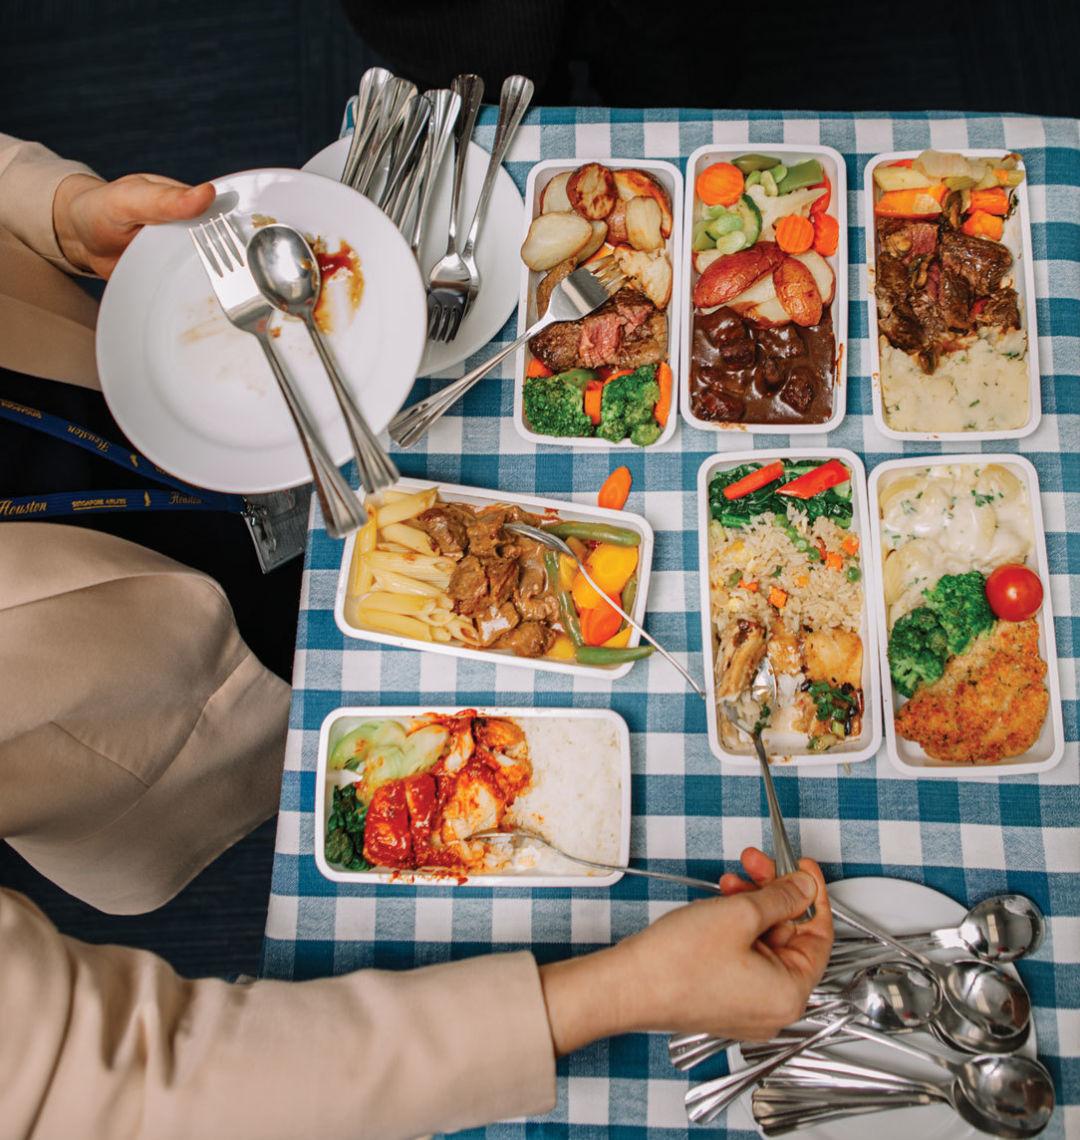 0416 icehouse steaksplane singaporeairlines fu4usv